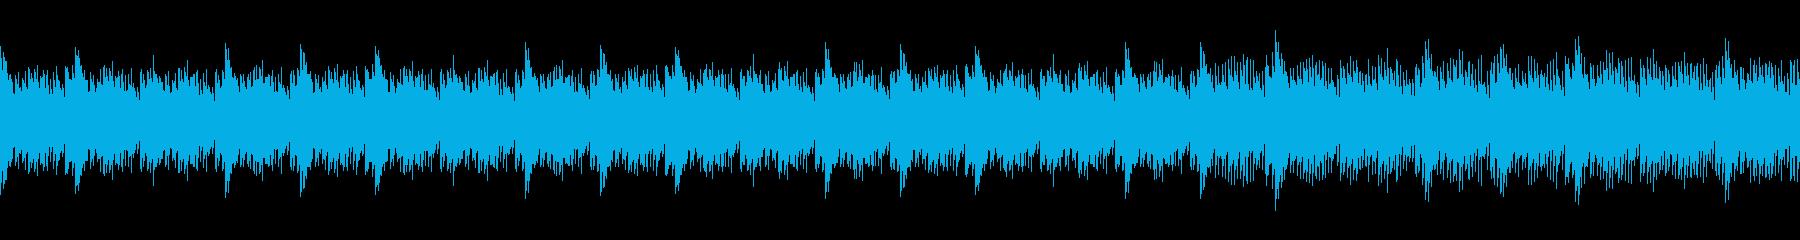 美しく幻想的な深海 大自然 ループ仕様の再生済みの波形